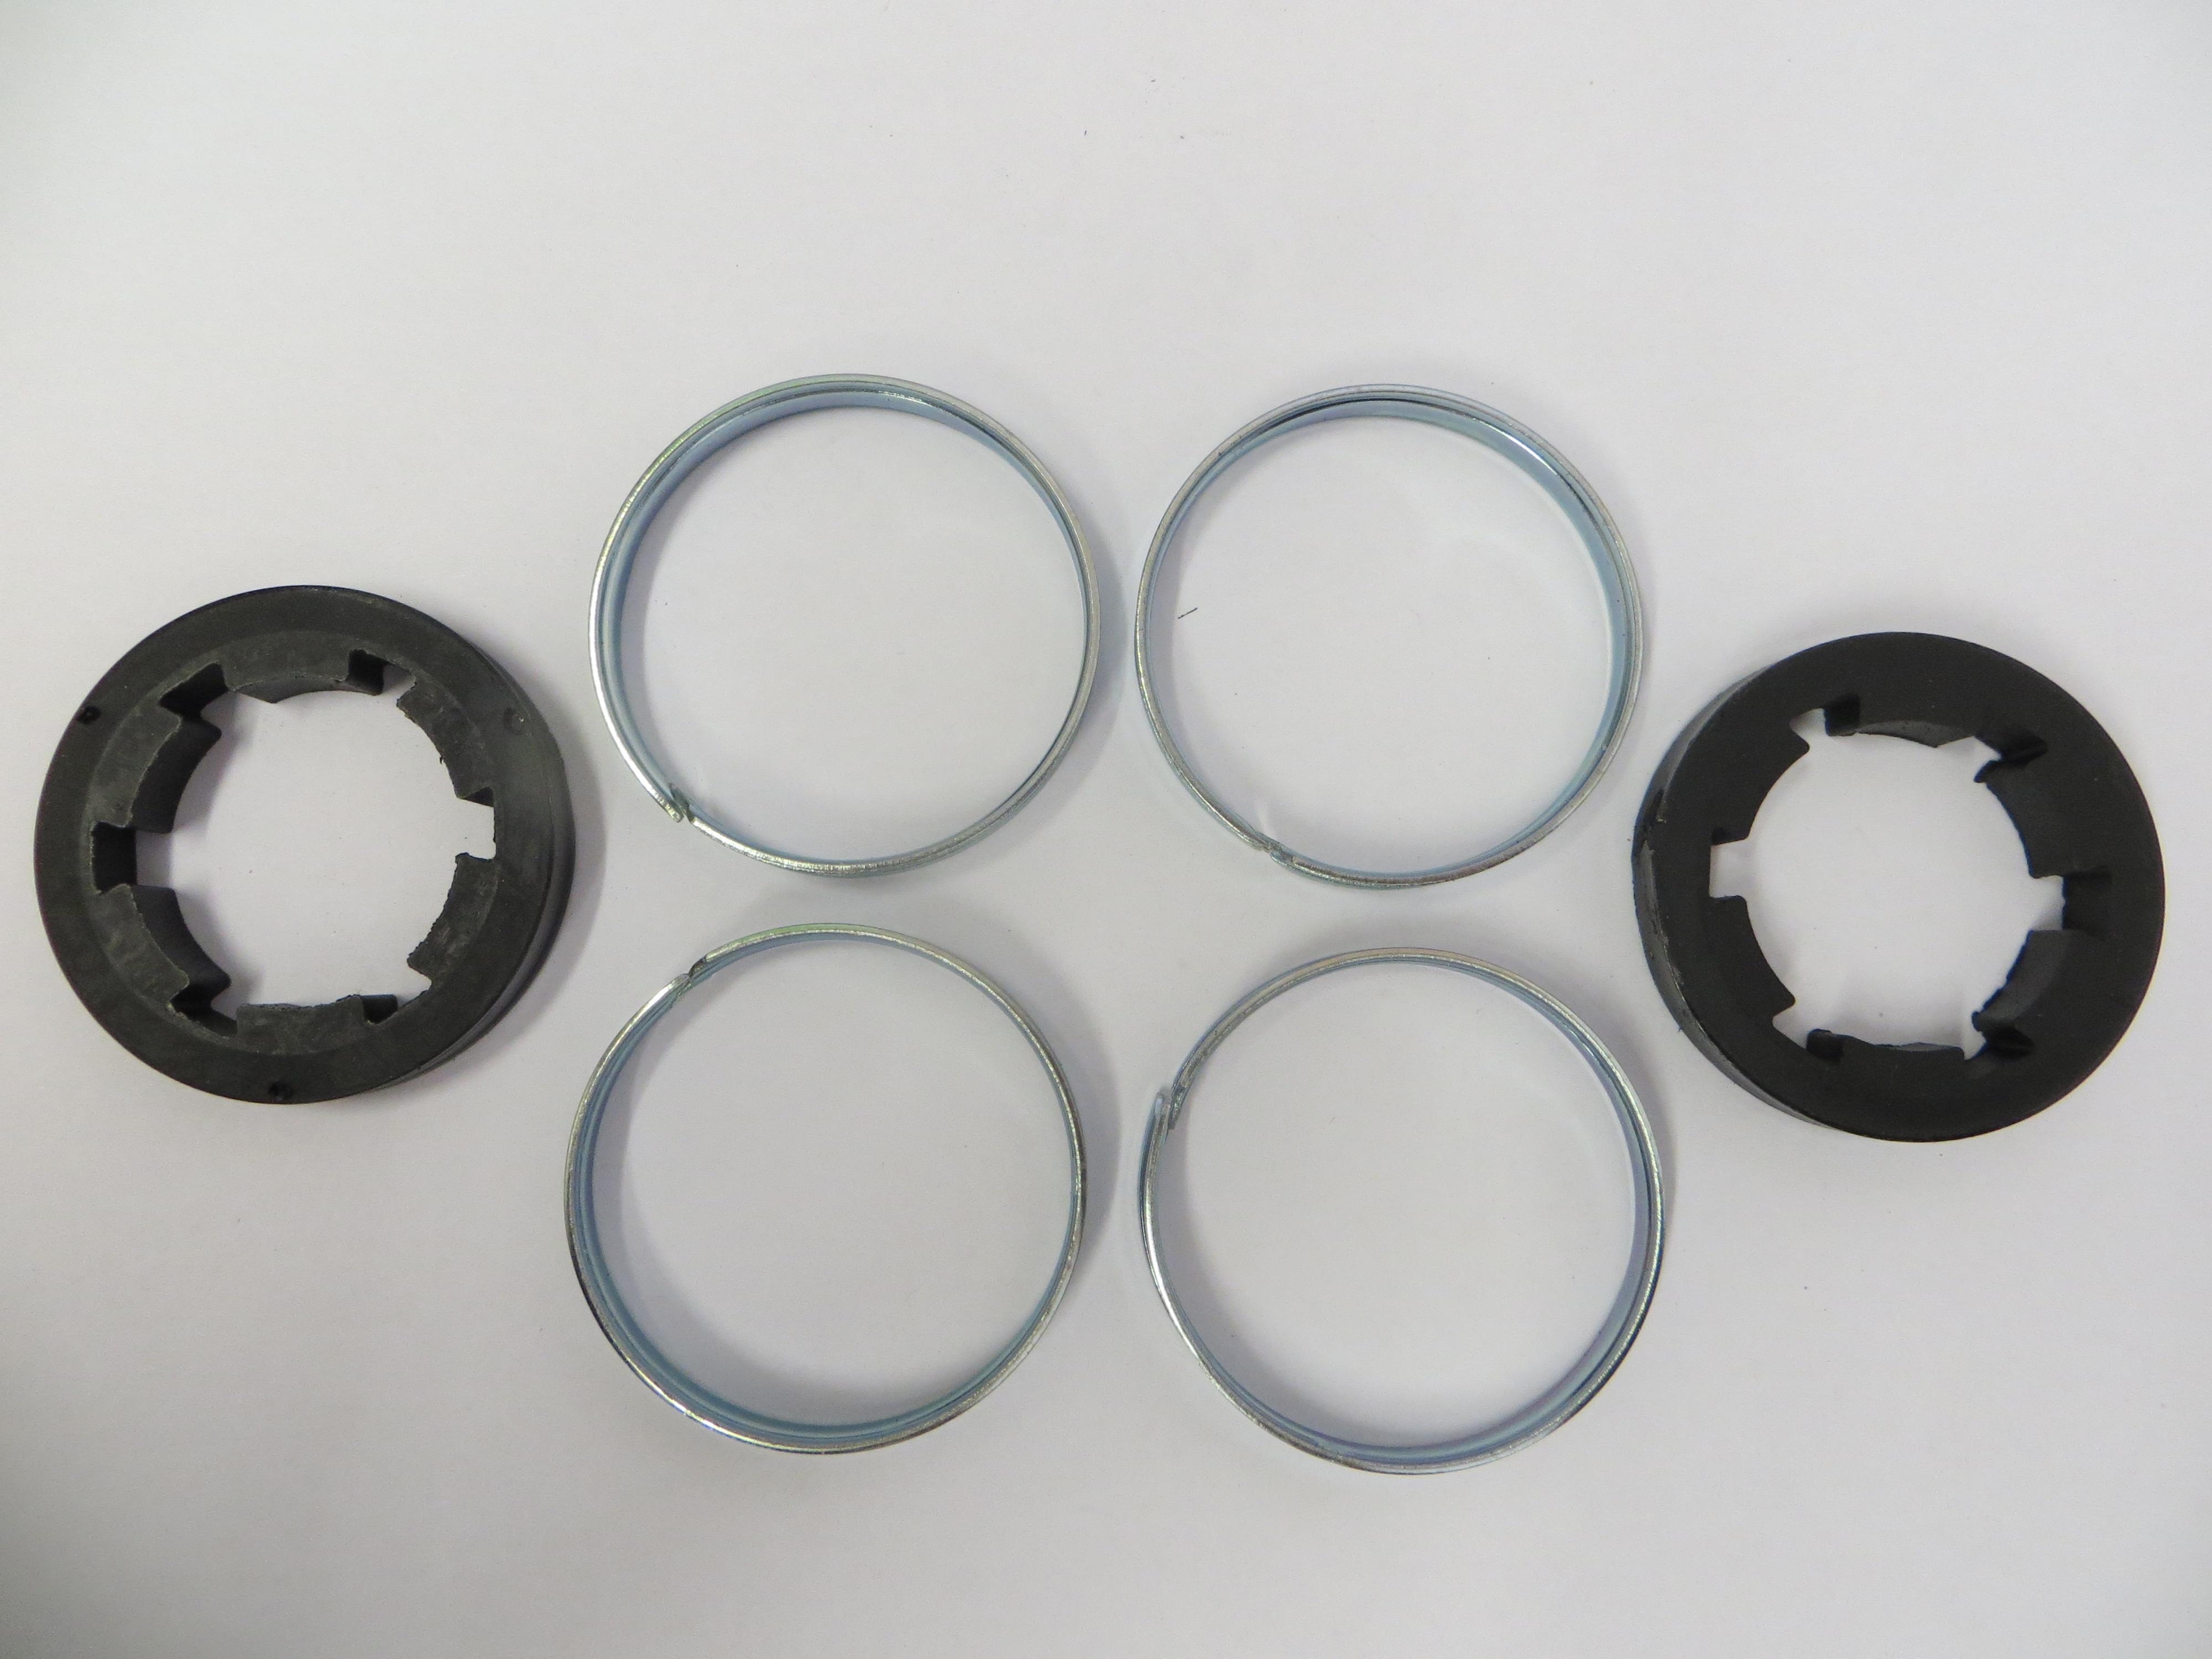 Black Hose 7 8 Dia X 7 Ft Long F200104p Partsking Com